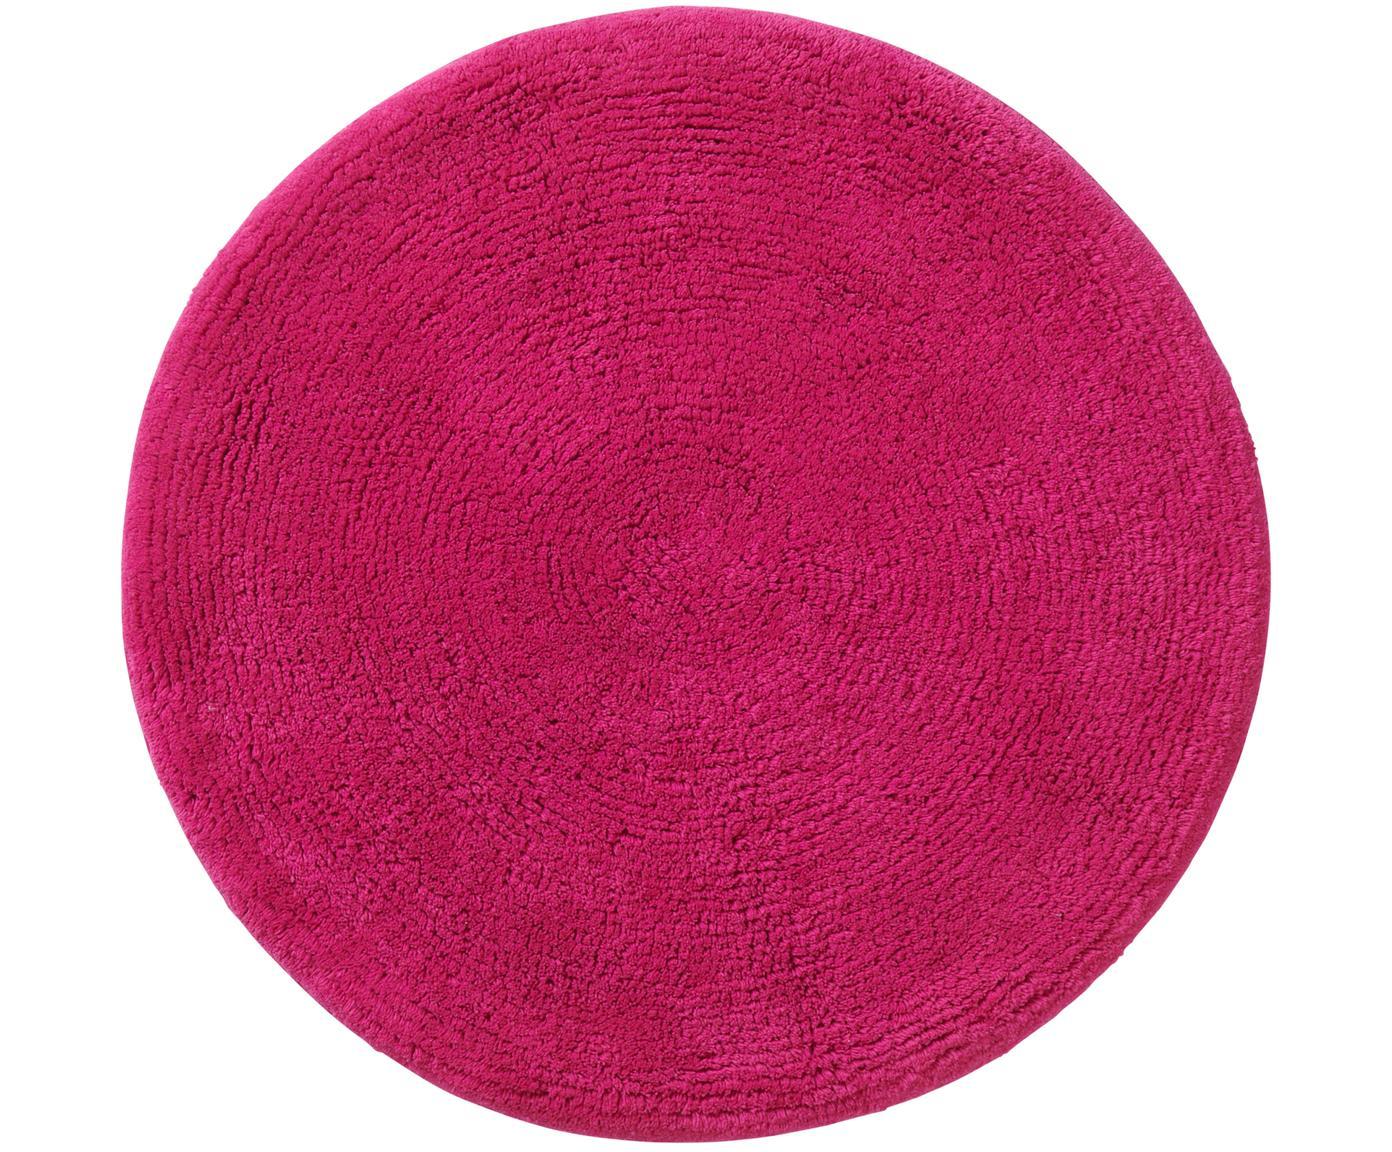 Okrągły dywanik łazienkowy Emma, 100% bawełna, Różowy, Ø 90 cm